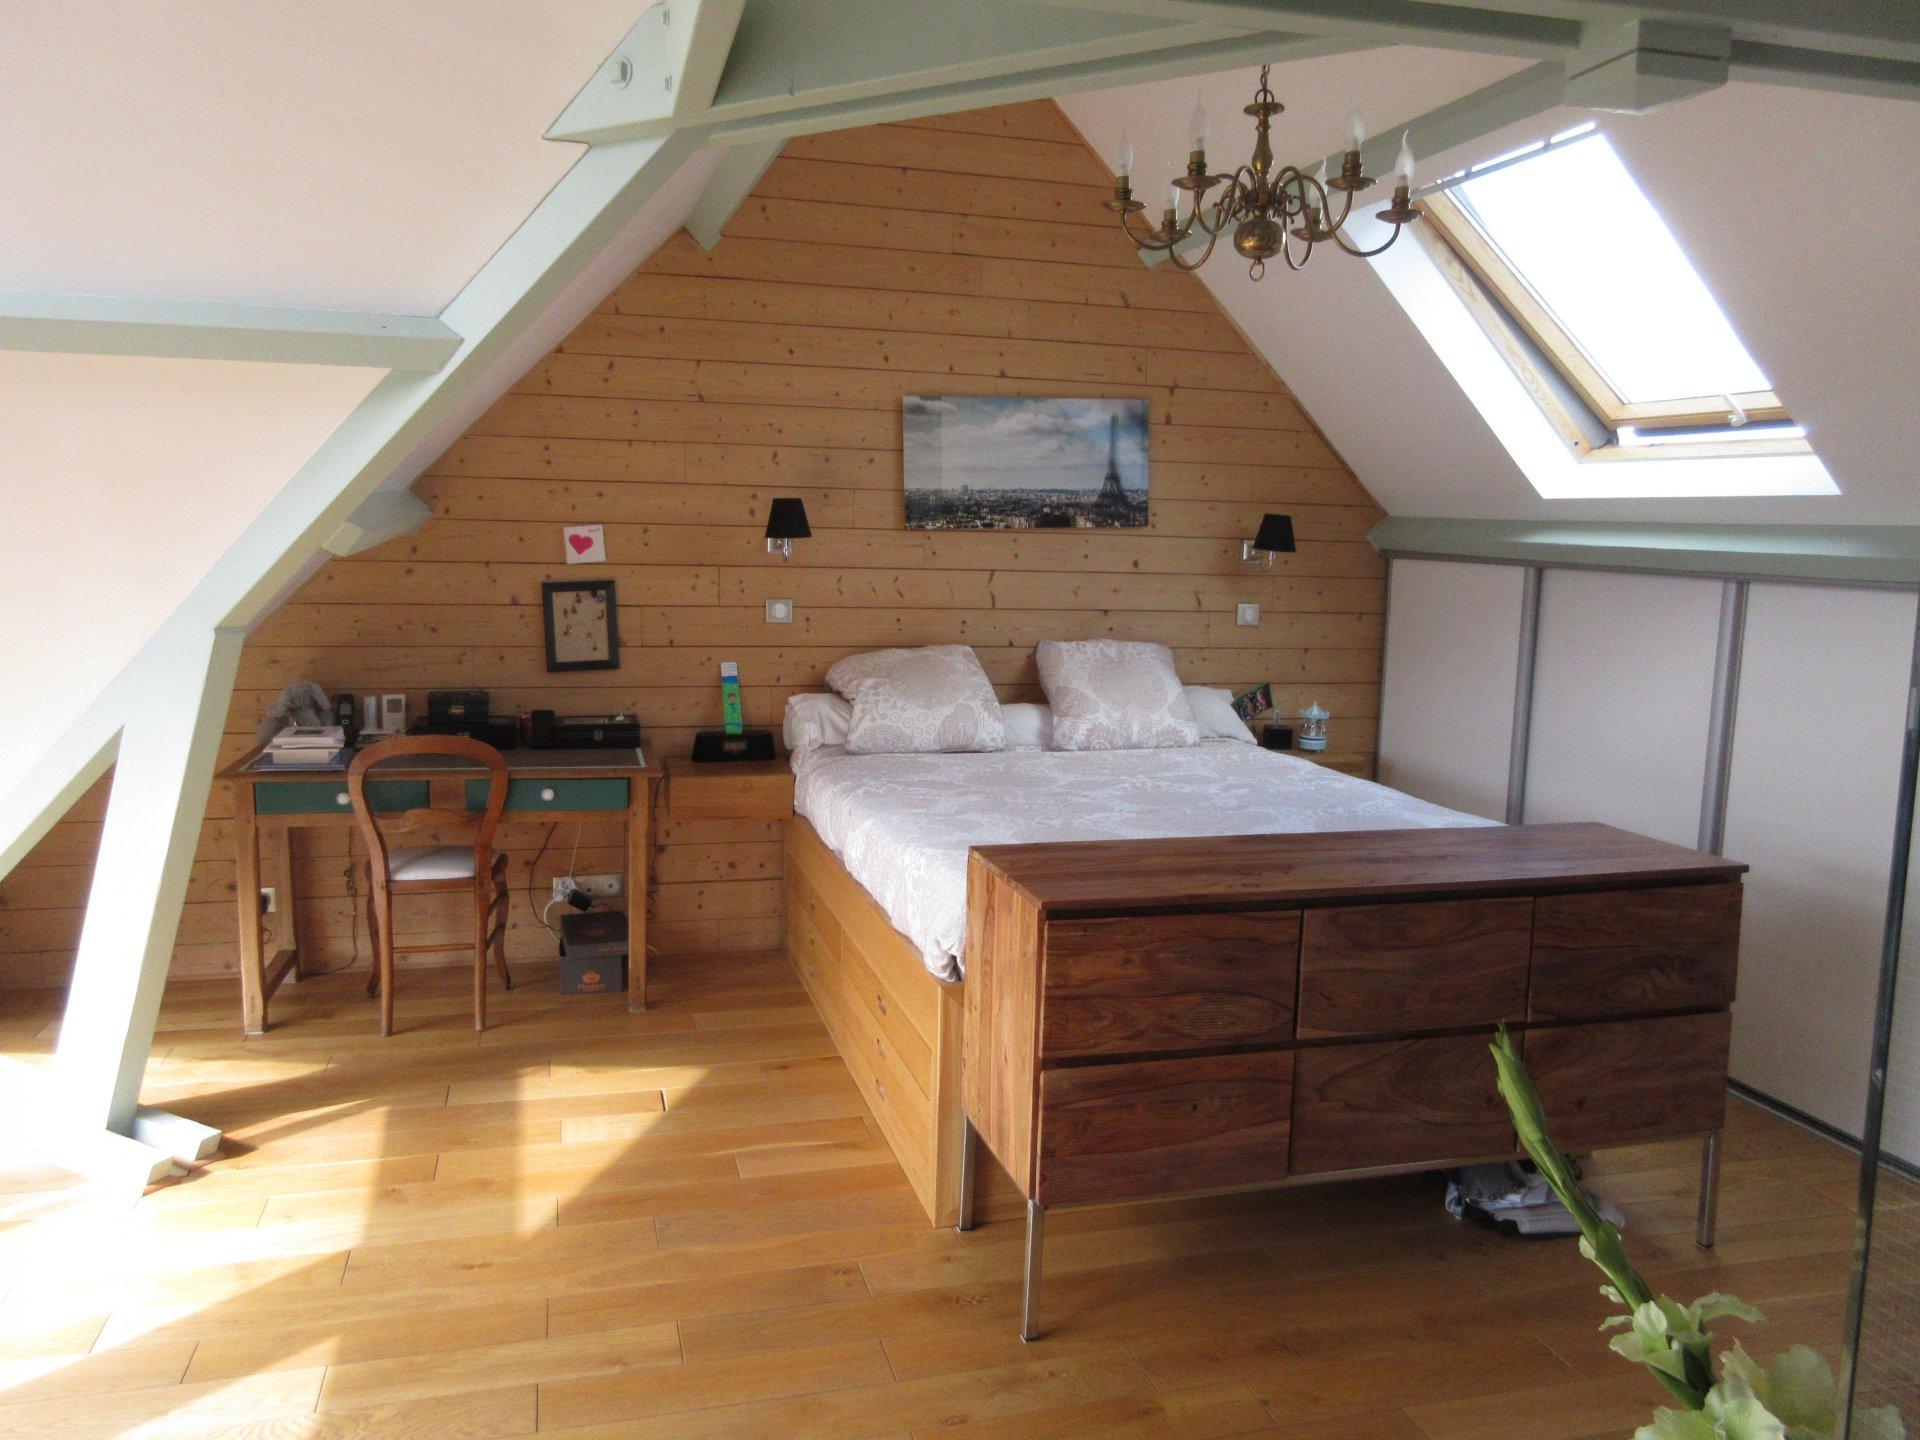 Fenêtre de toit, hauteur sous plafond, lustre